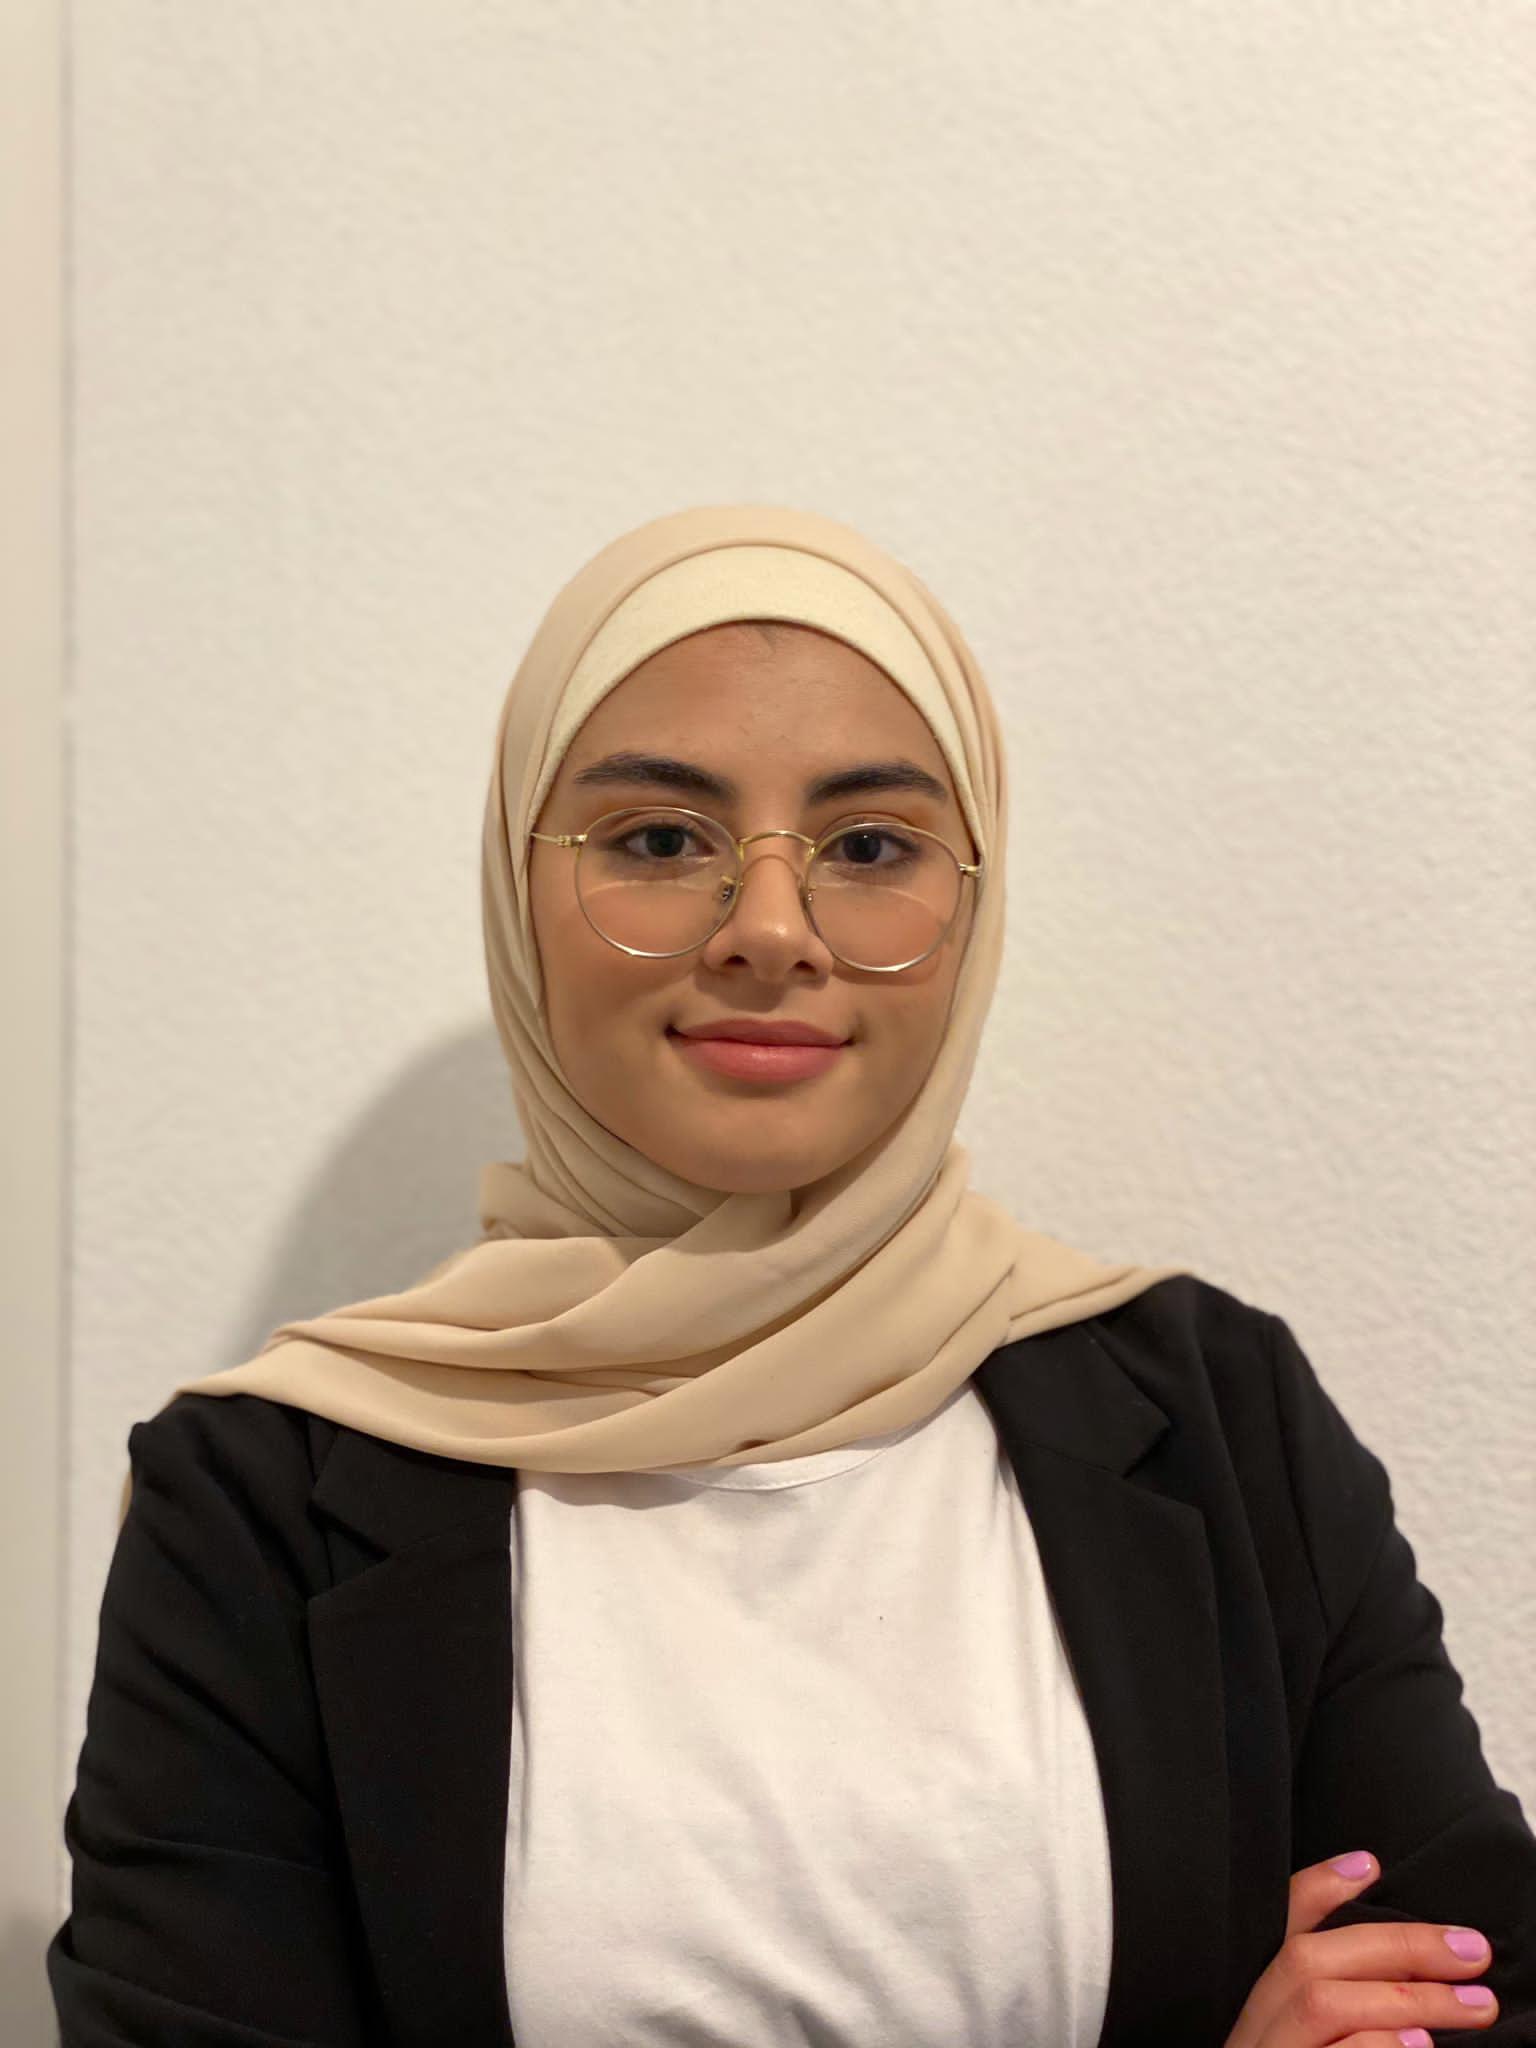 Fatima Azahraa El-Zein